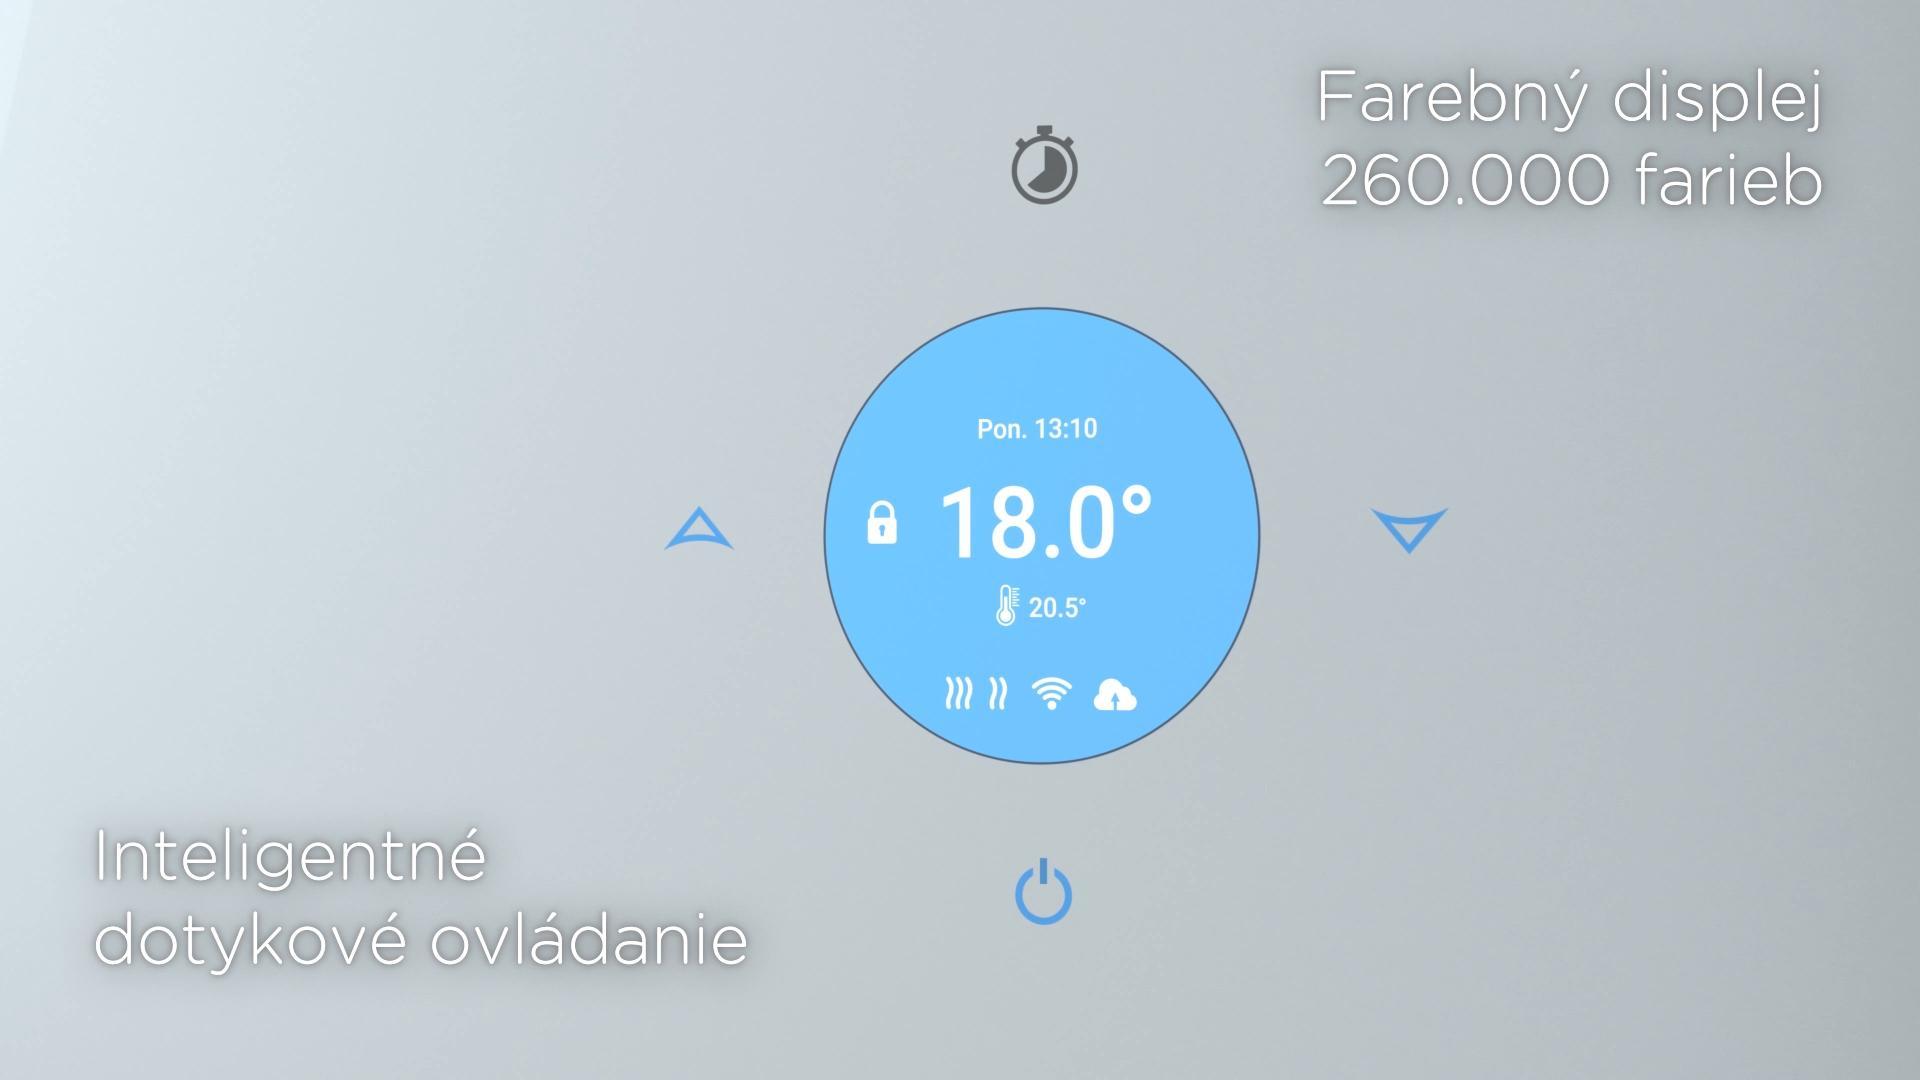 TowelBoy - Inteligentný sklenený vykurovací radiátor - Na farebnom displeji s dotykovým ovládaním jednoducho nastavíte požadovanú teplotu v miestnosti